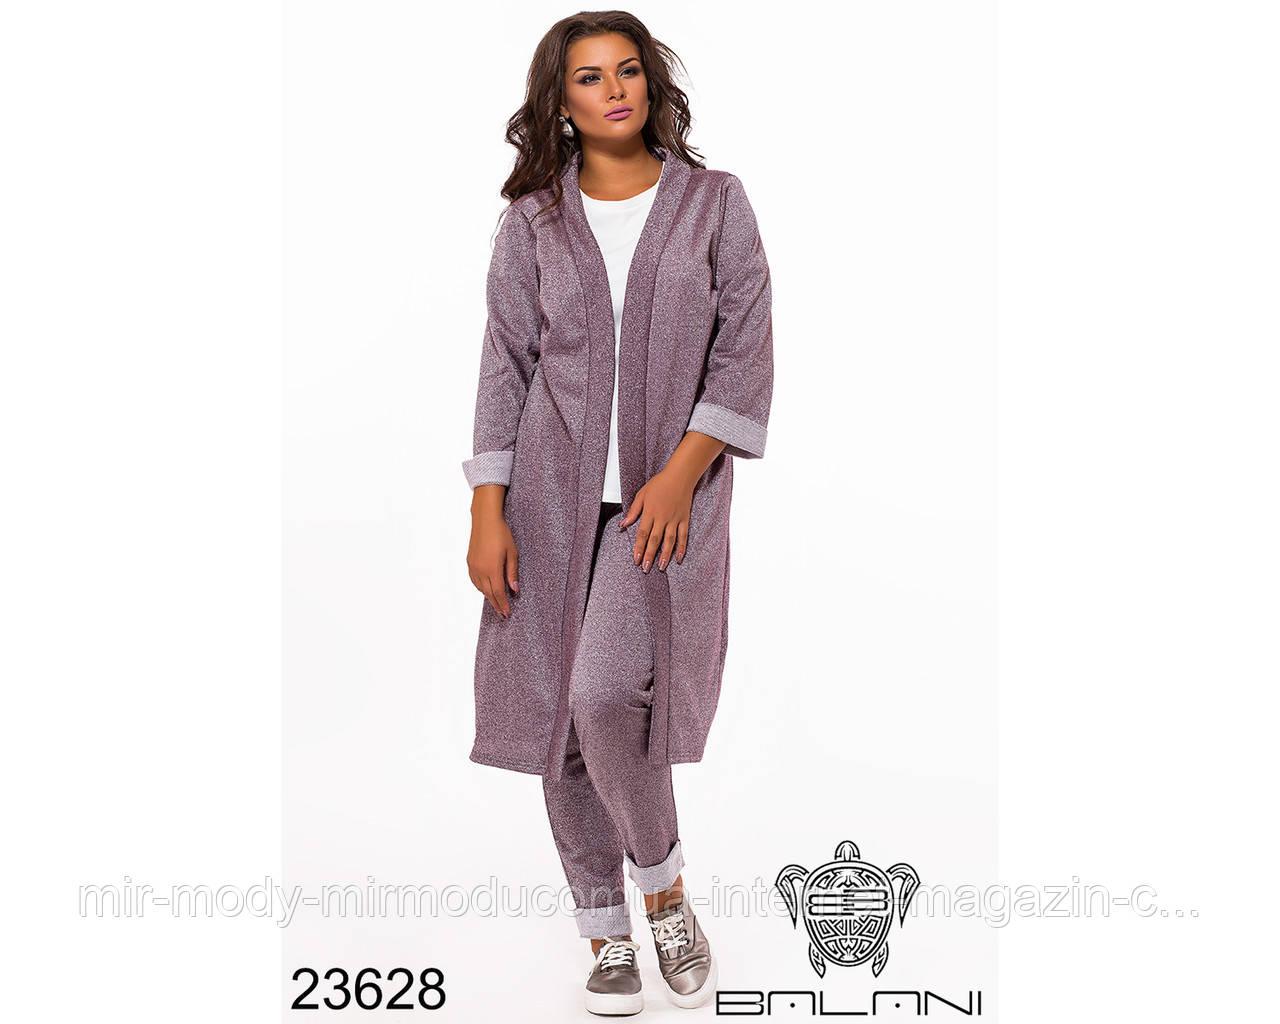 Брючный костюм тройка- 23628 с 48 по 54 размер(бн)